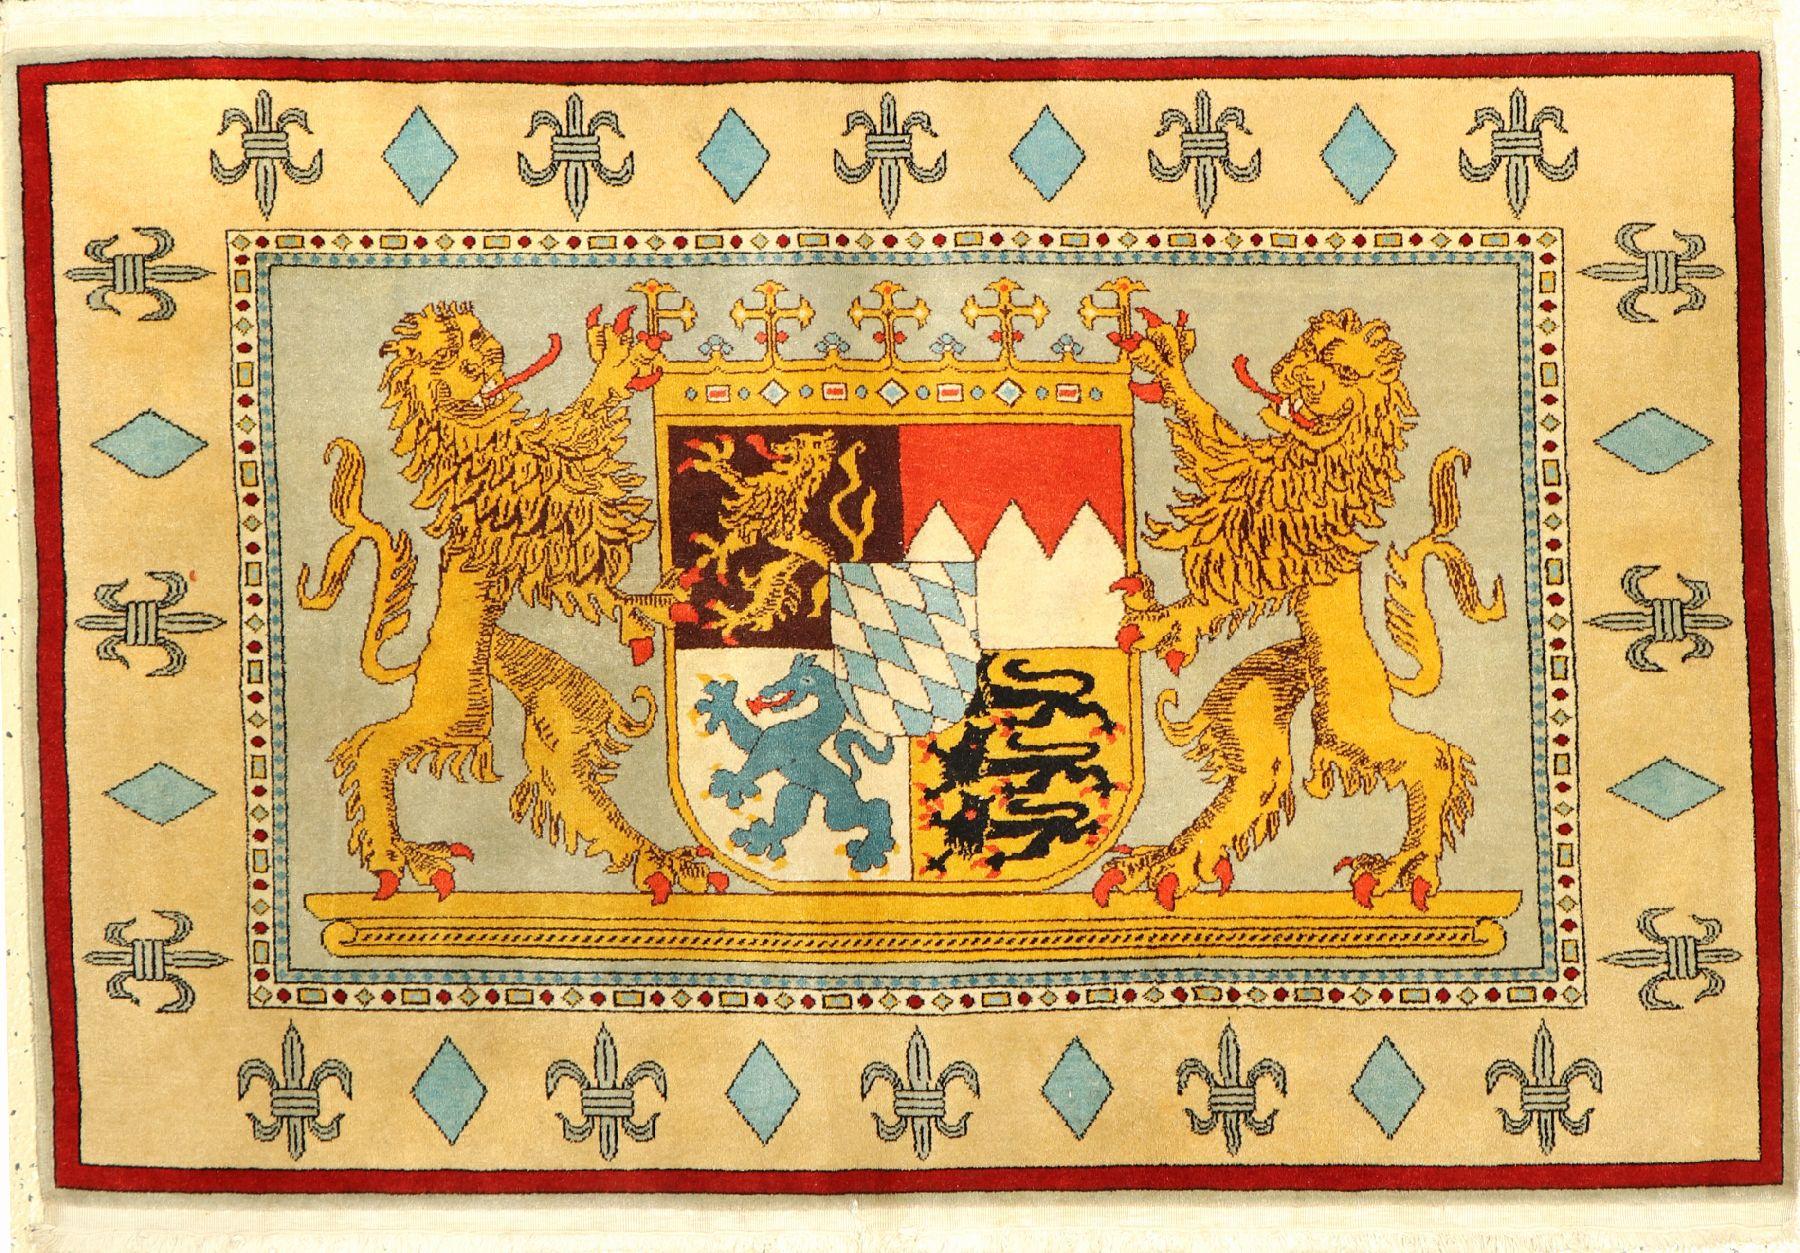 Vente Tapis d'Orient chez Henry's Auktionshaus : 187 lots